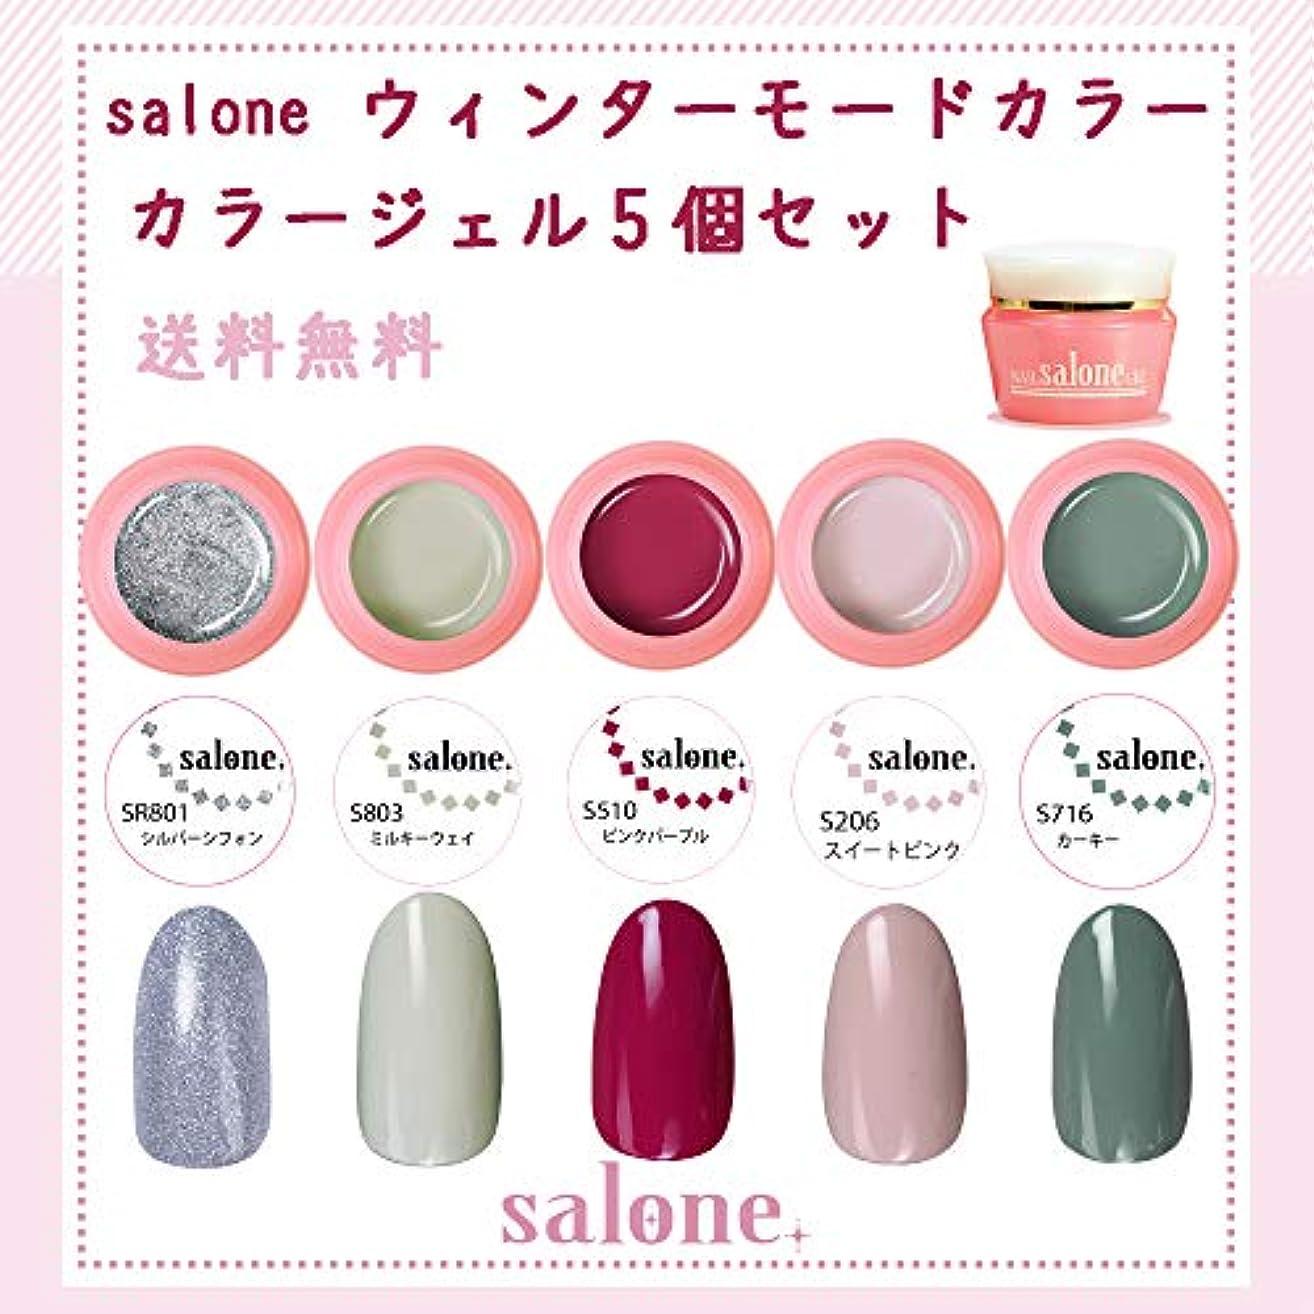 混乱させる引っ張るしっとり【送料無料 日本製】Salone モード カラージェル5個セット ネイルのマストカラーオシャレなモードカラー